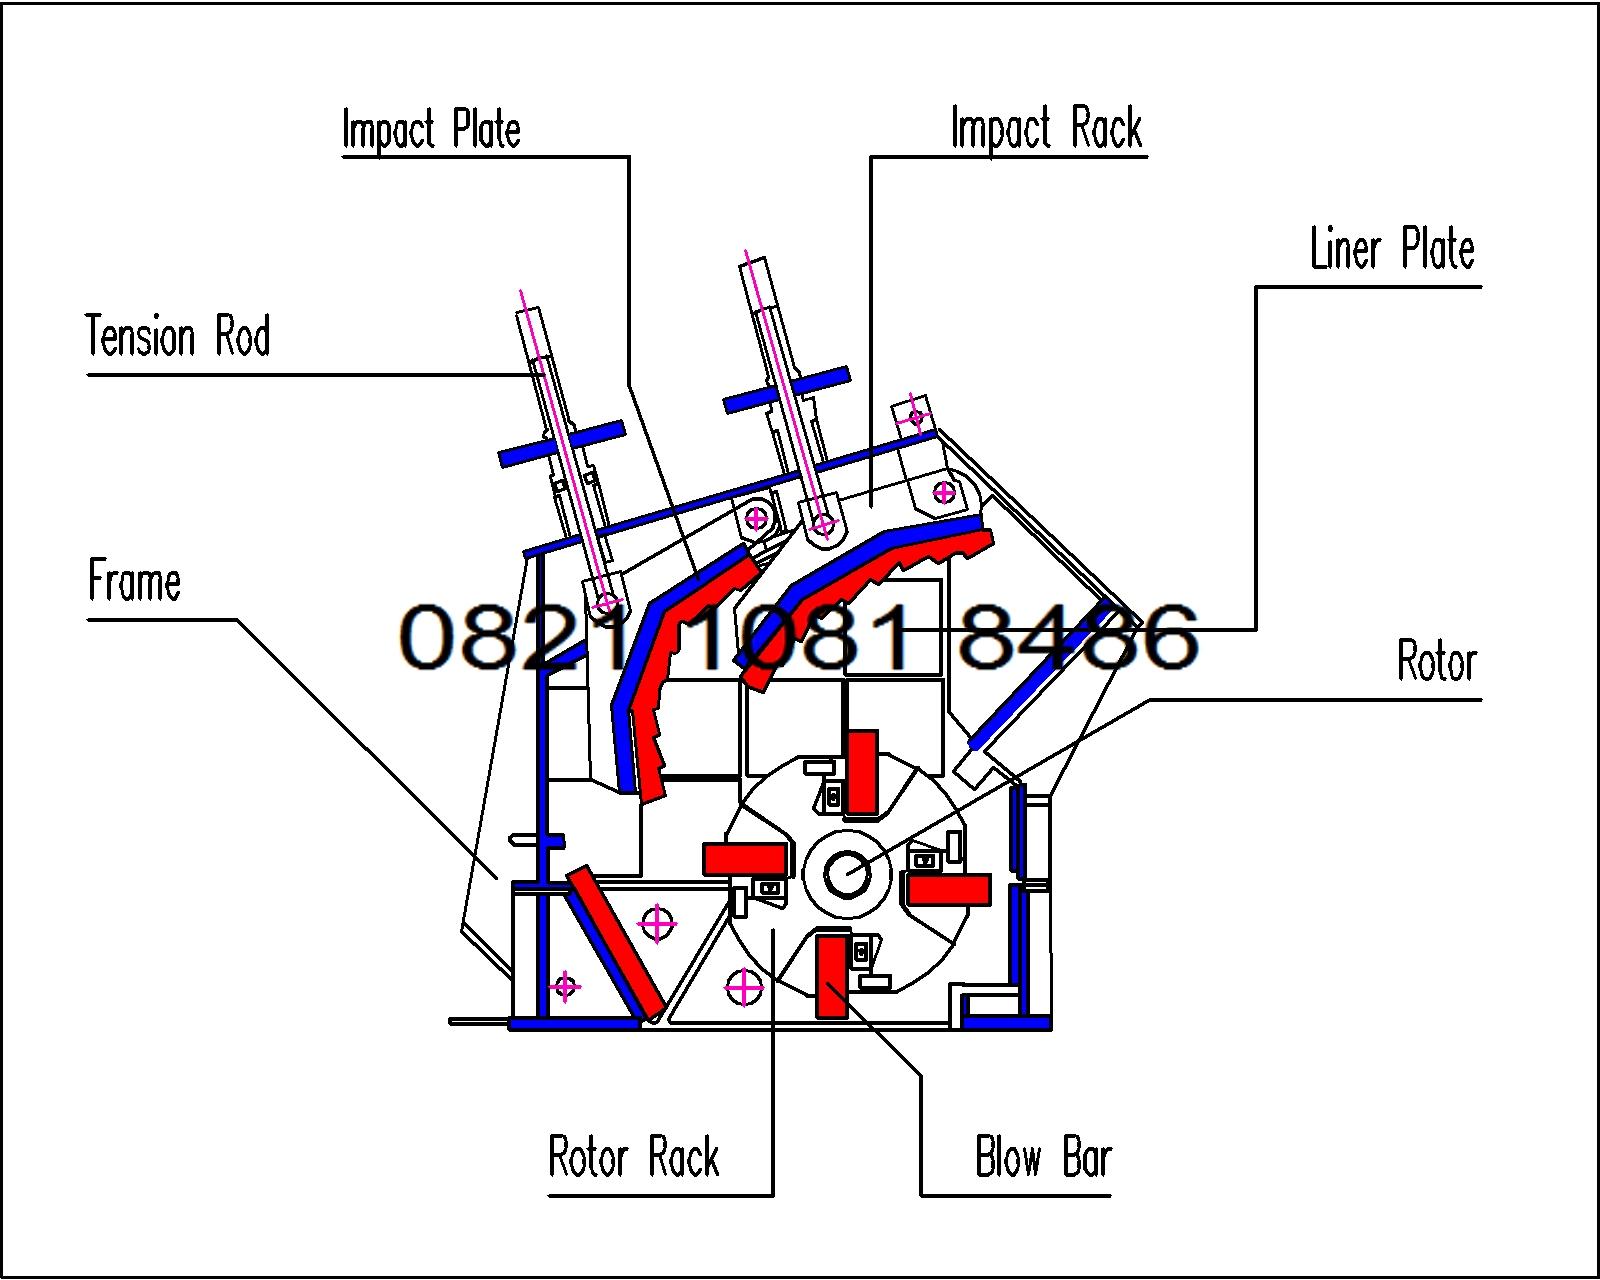 Unit Pemecah Crushing Impact Crusher Jual Stone Mesin Lap Tangan Cendol Adalah Type Dengan Sistem Pukul Rotary Kecepatan Rpm Yang Cukup Tinggi Biasa Digunakan Untuk Menghancurkan